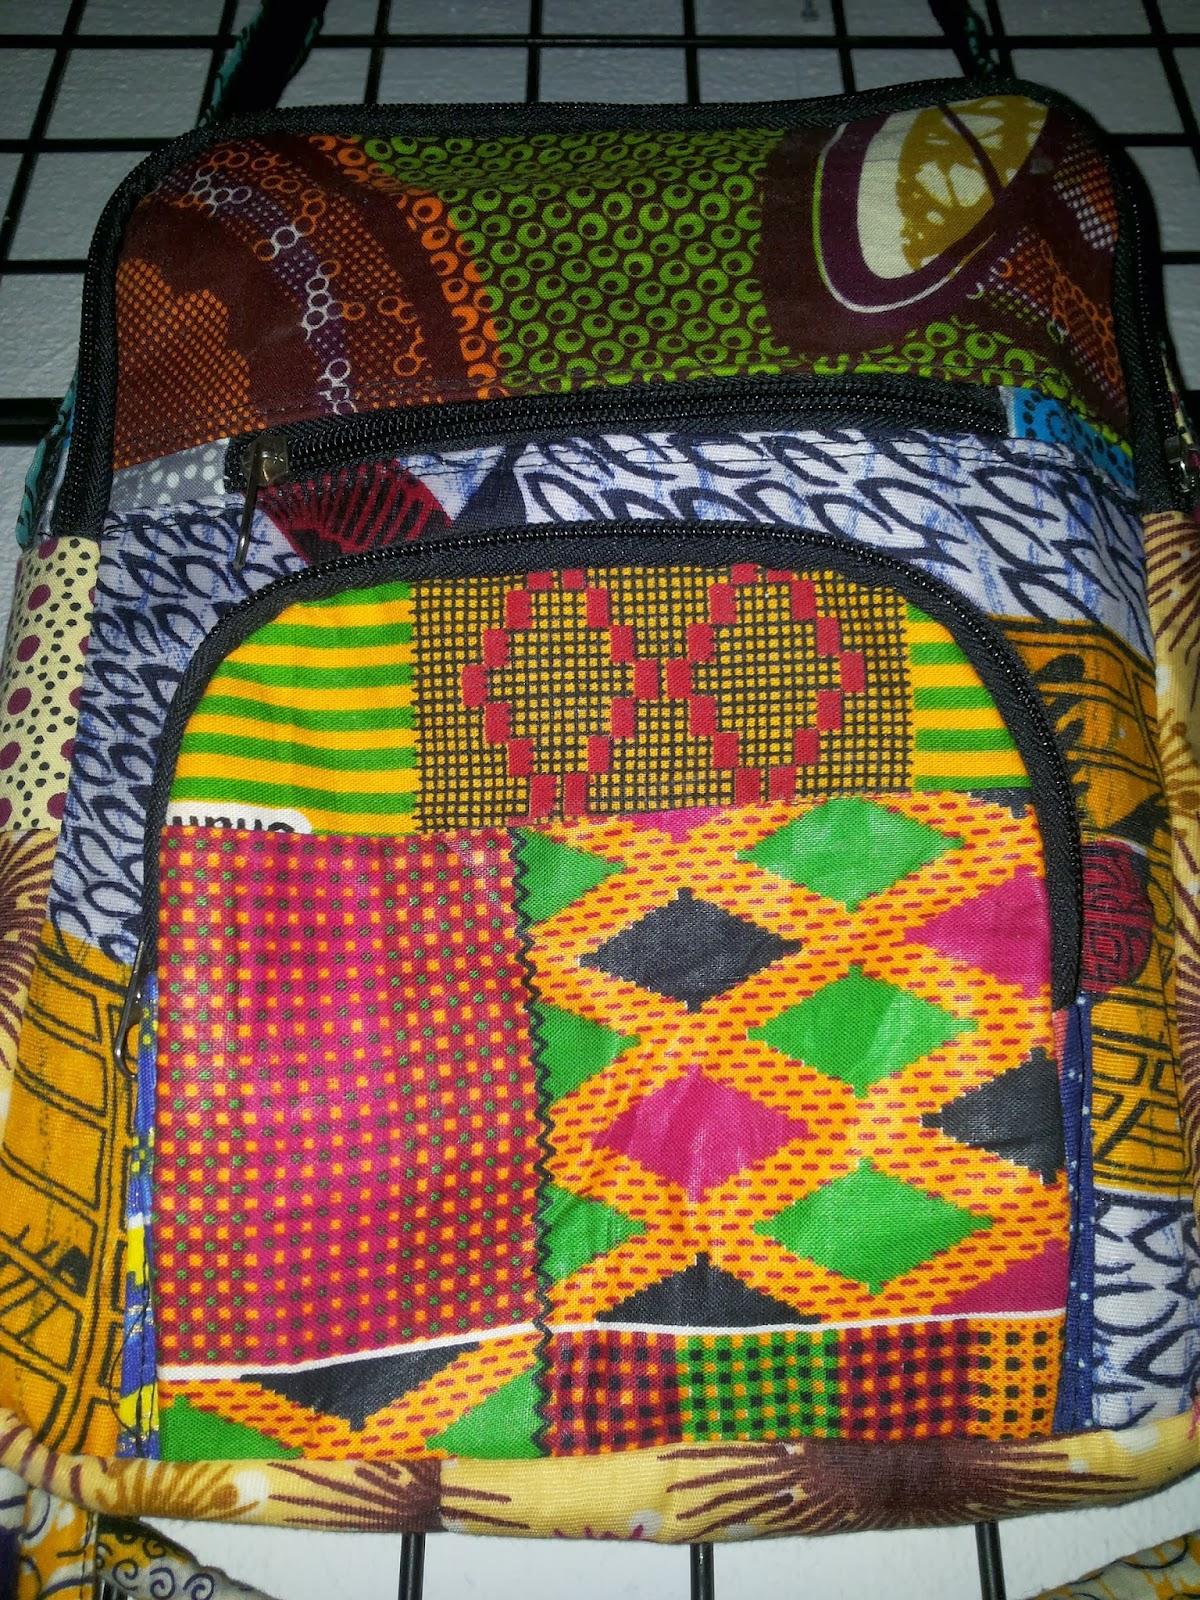 Akwaababcn bolsos y mochilas con telas africanas - Telas africanas barcelona ...